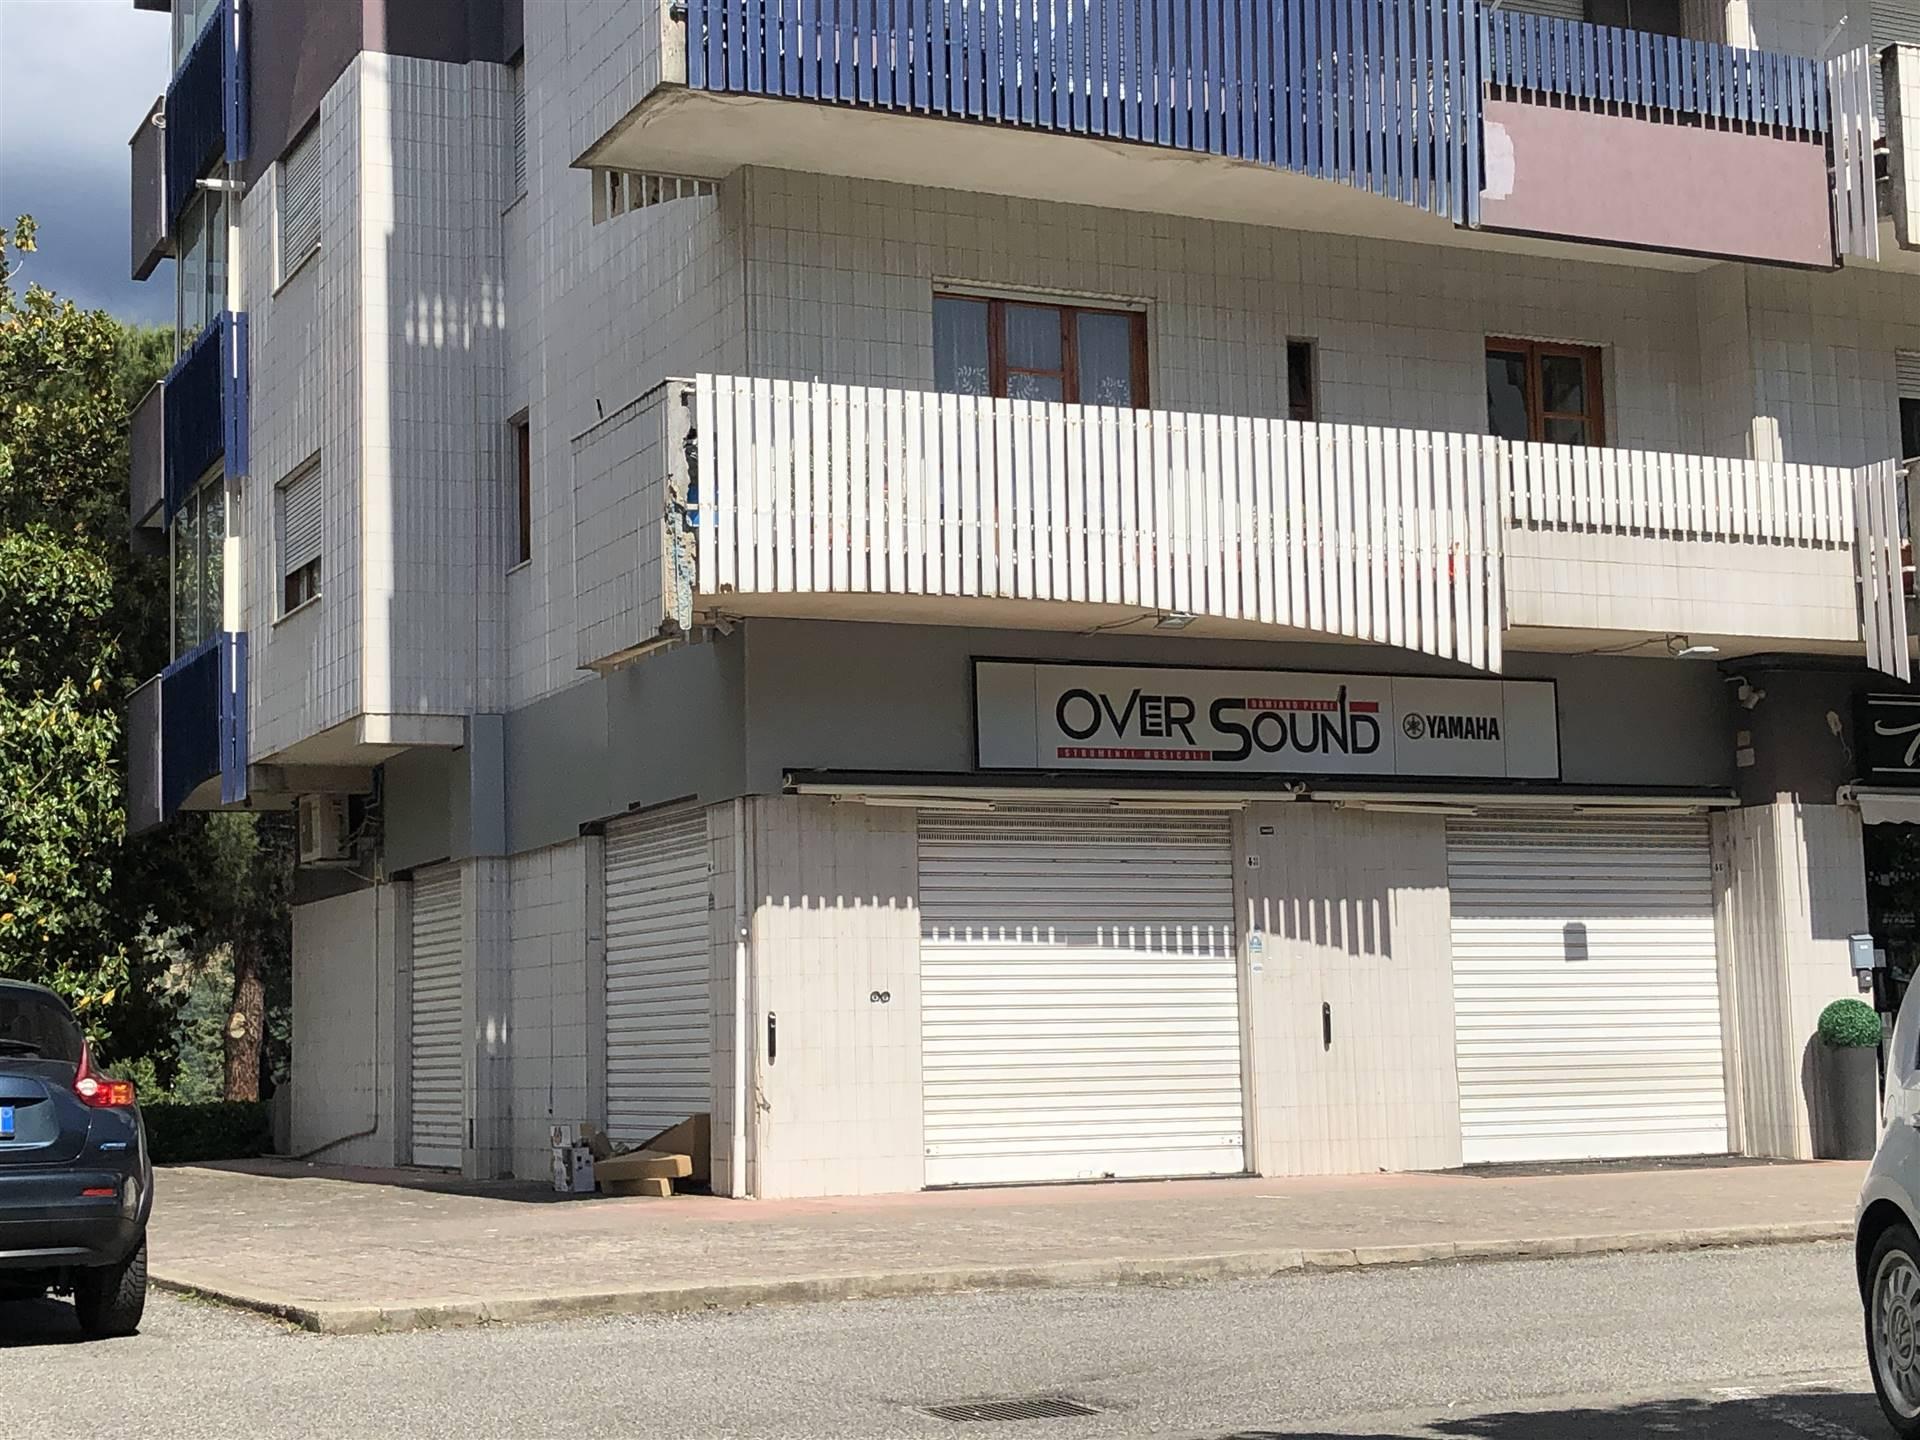 ROGES, RENDE, Магазин в аренду из 125 Км, Отличное, Класс энергосбережения: C, на земле Цокольный на 6, состоит из: 3 Помещения, 1 Ванные, Цена: € 1